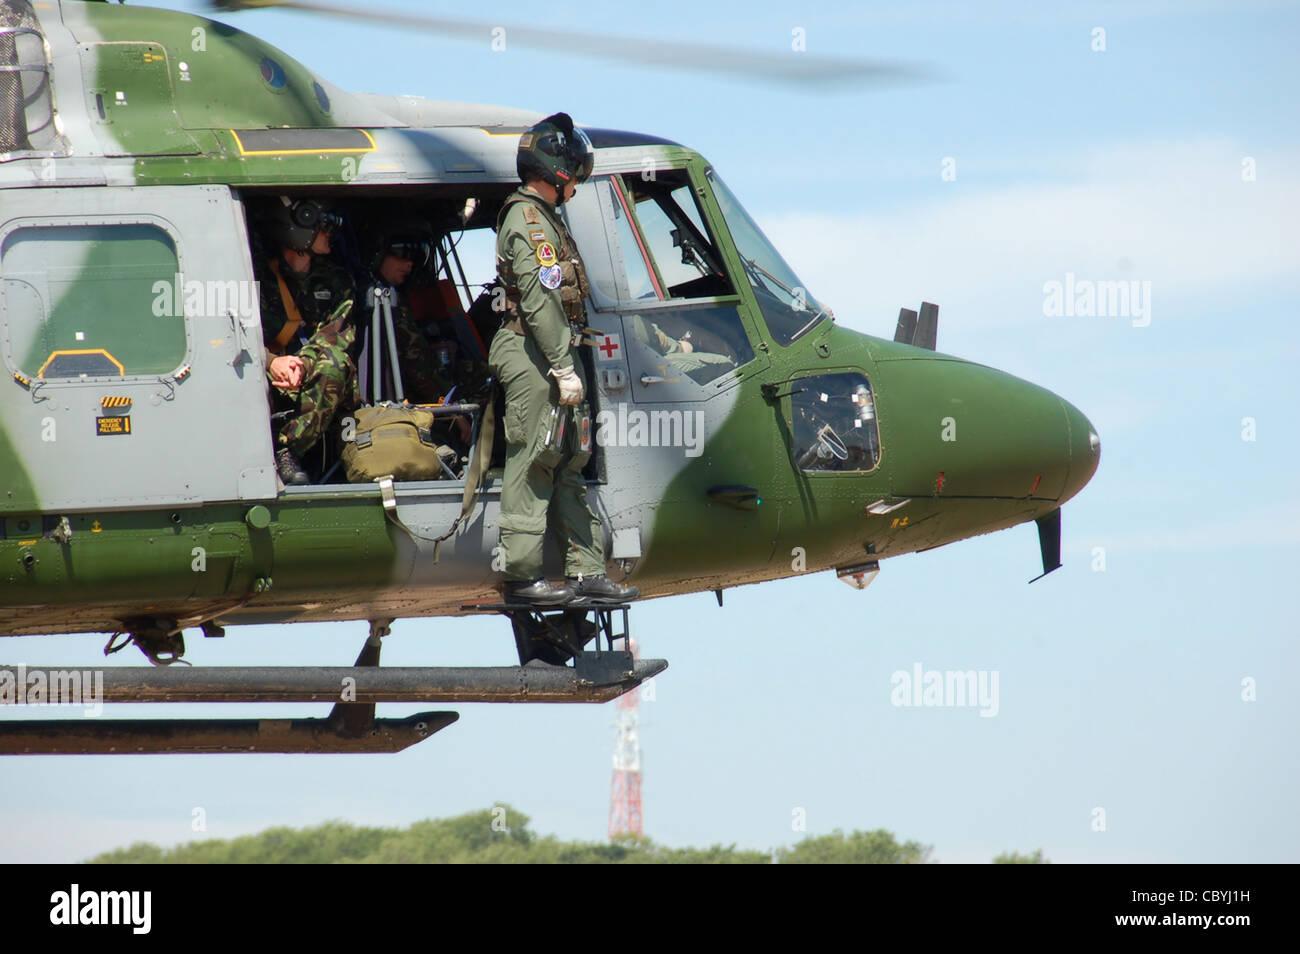 British Army Air Corps Westland WG-13 Lynx AH.7 (código ZD284) se sitúa los taxis de la pista Imagen De Stock